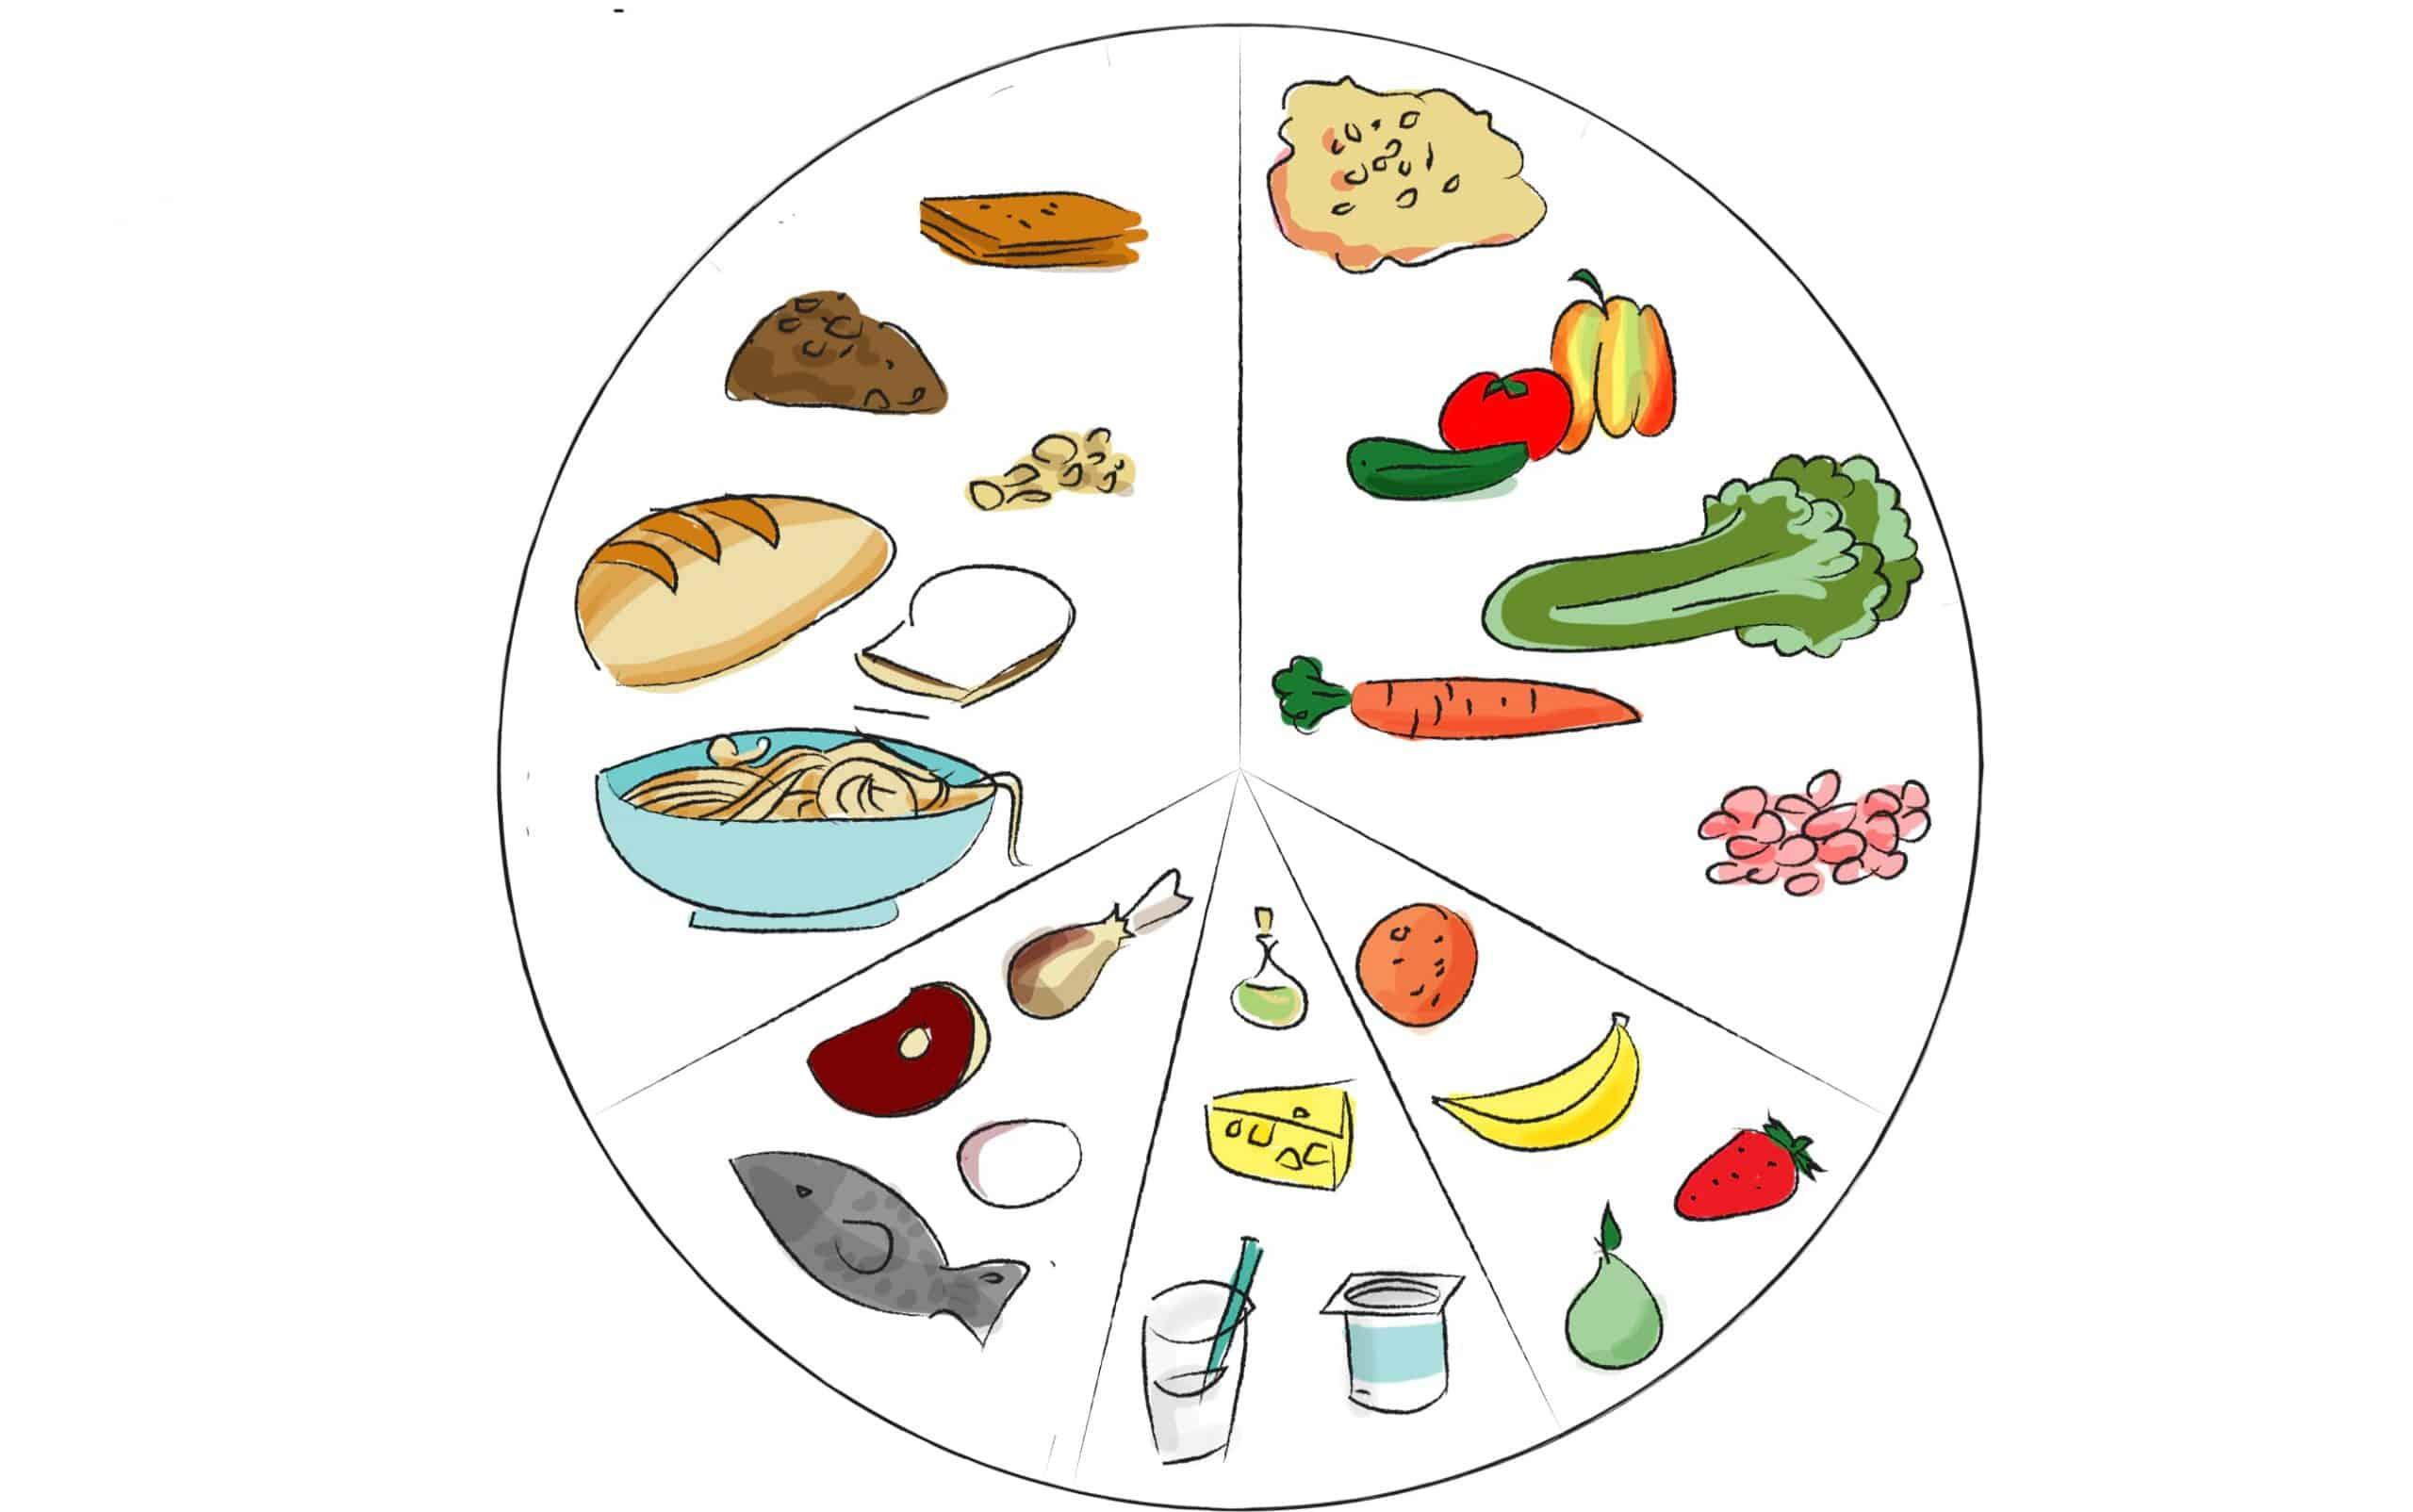 קבוצות מזון בתפריט יומי מאוזן לילדים